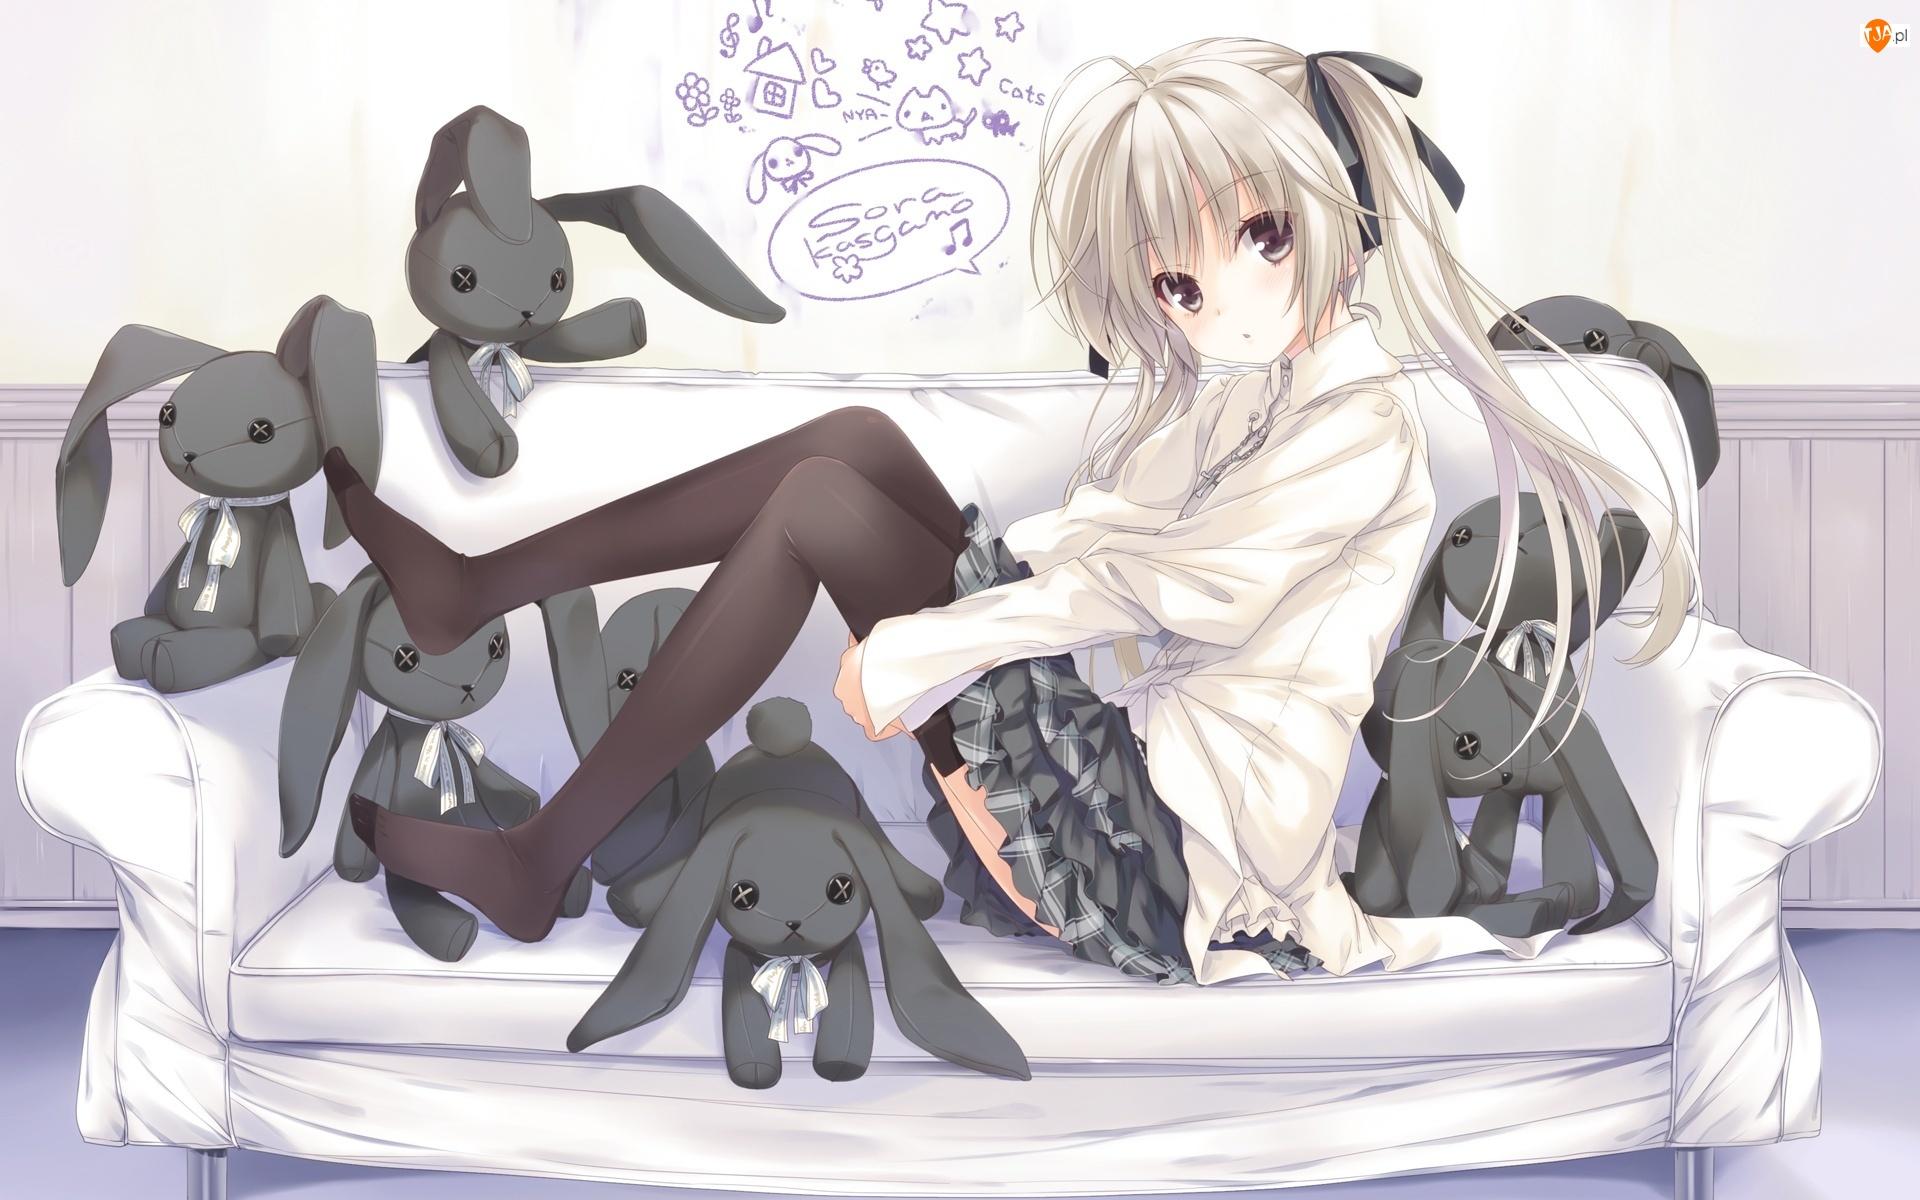 Manga, Pluszaki, Kanapa, Dziewczyna, Anime, Zające, Rysunek